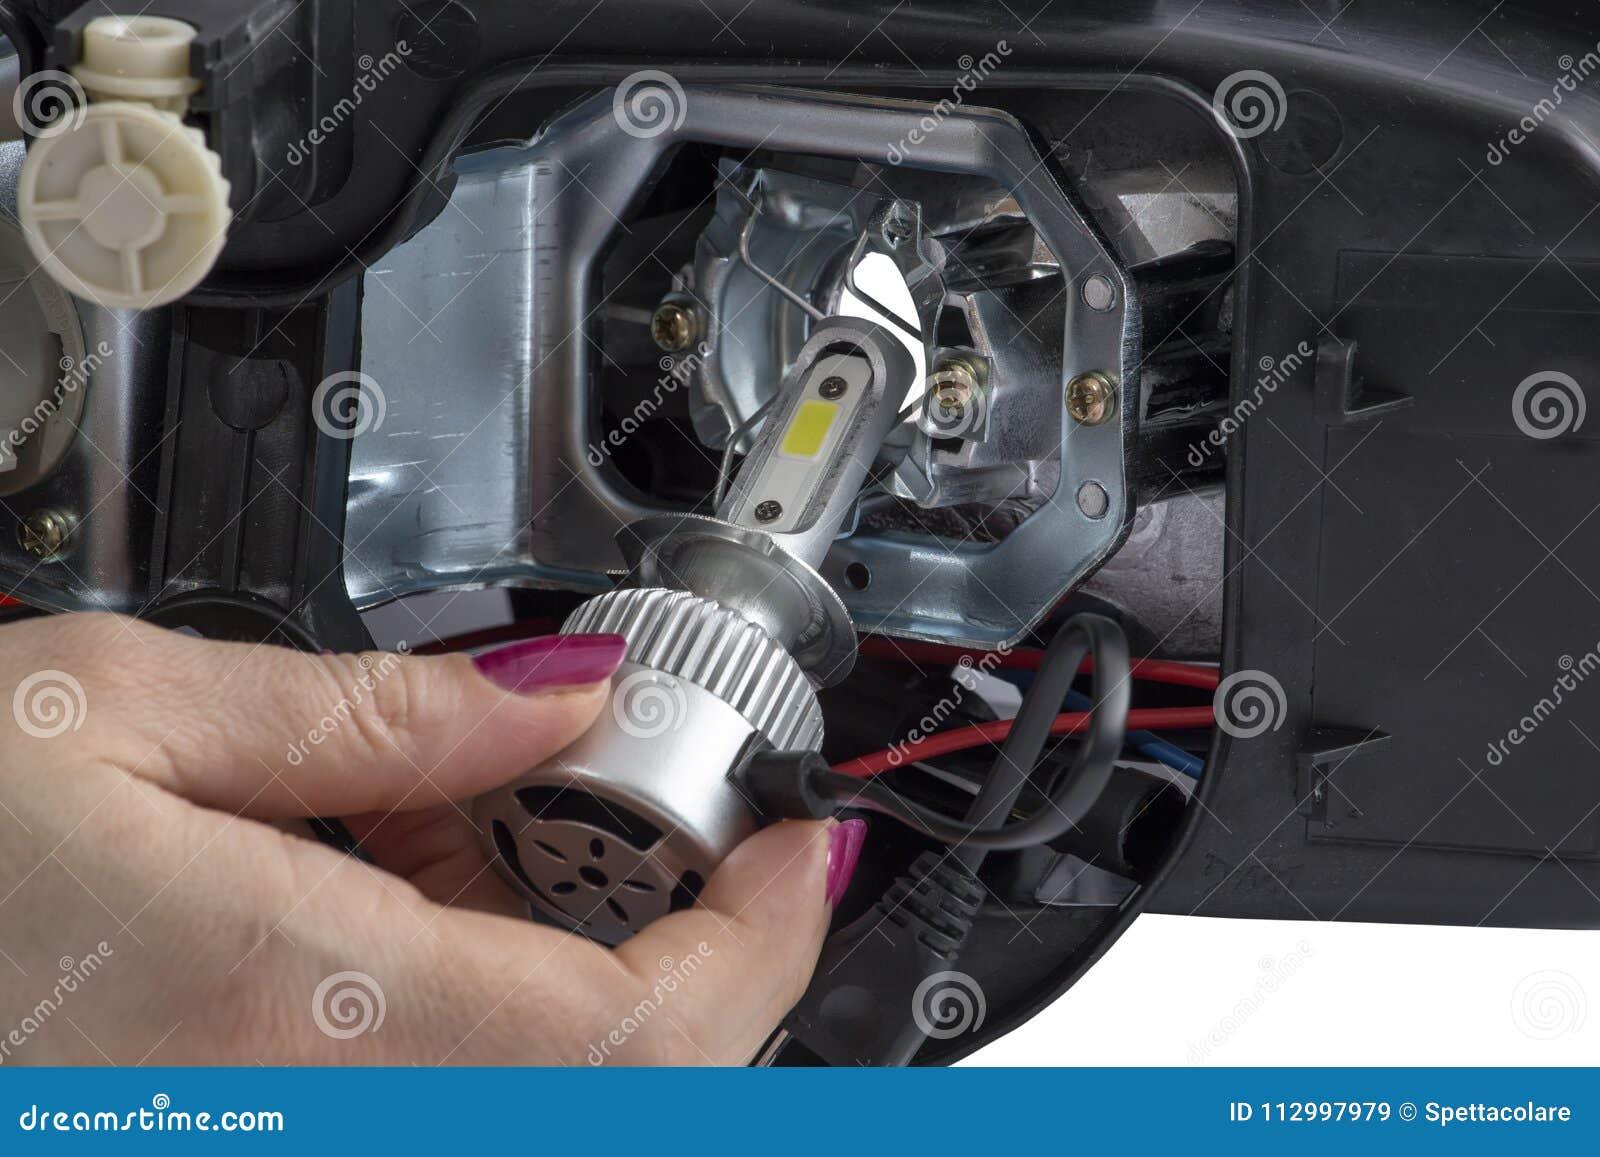 hook up led lights to car